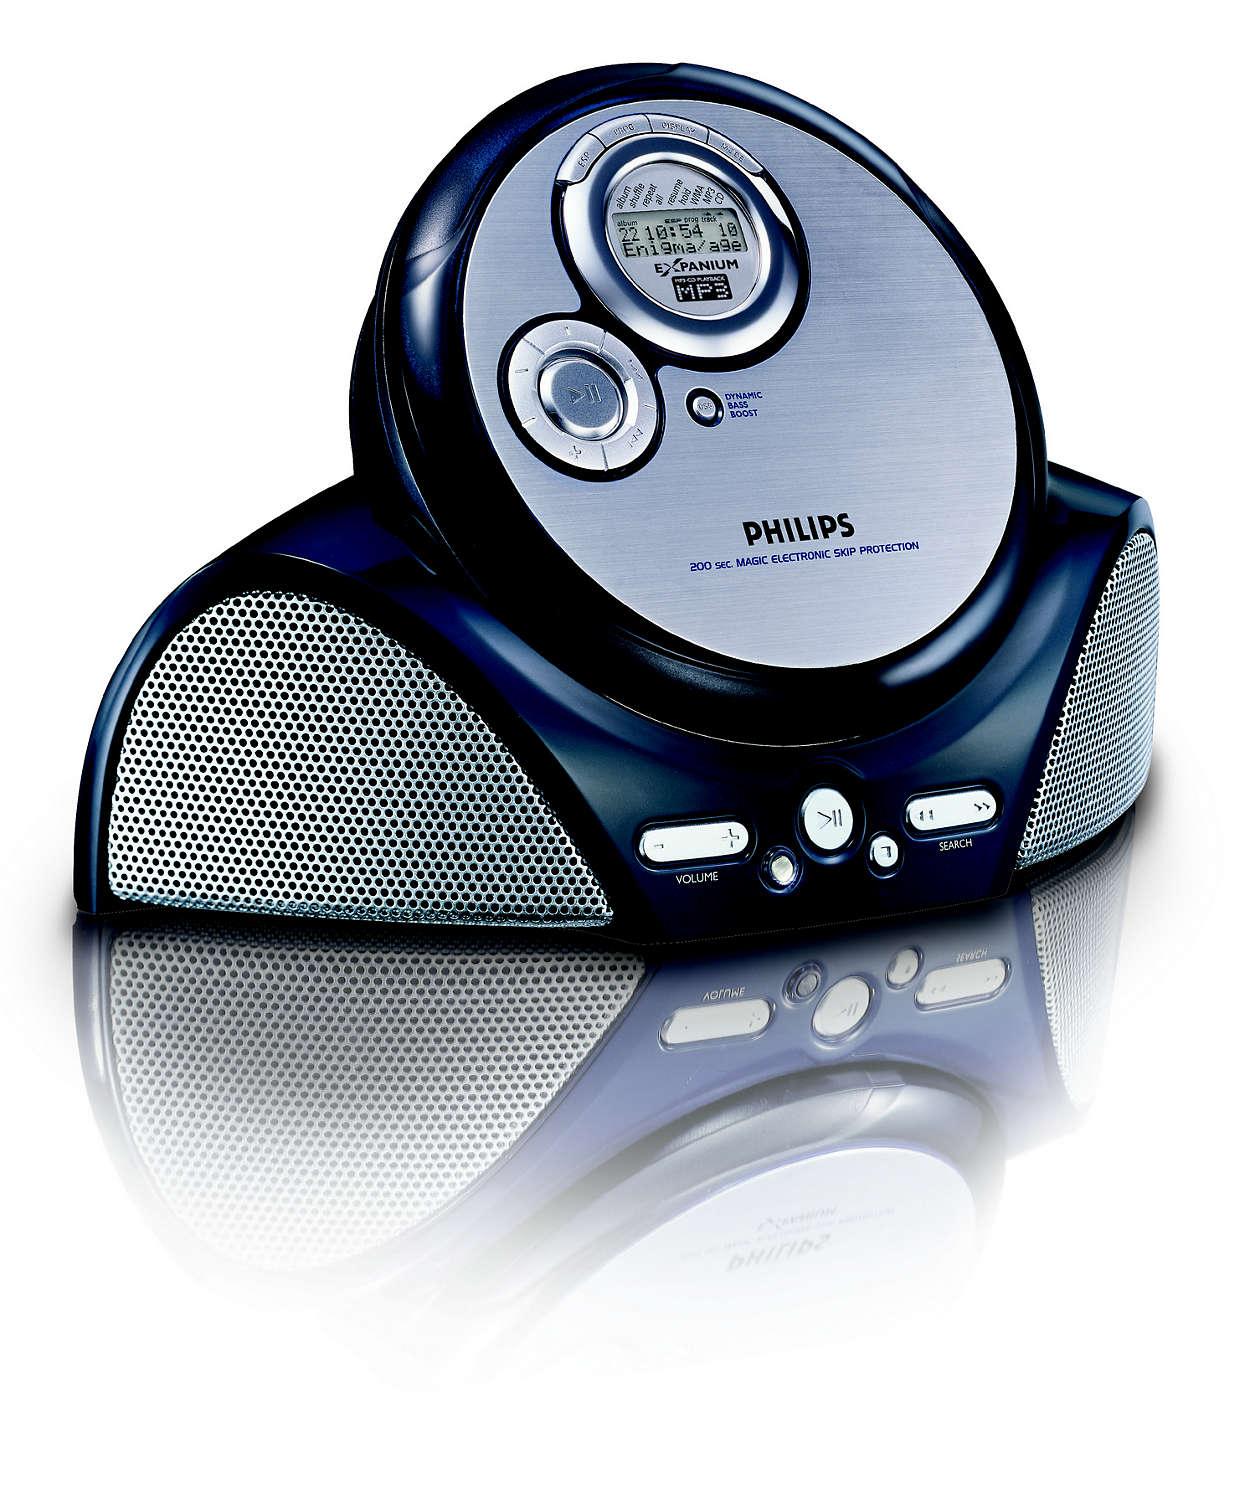 Útjai során adja át magát az MP3 zene élvezetének